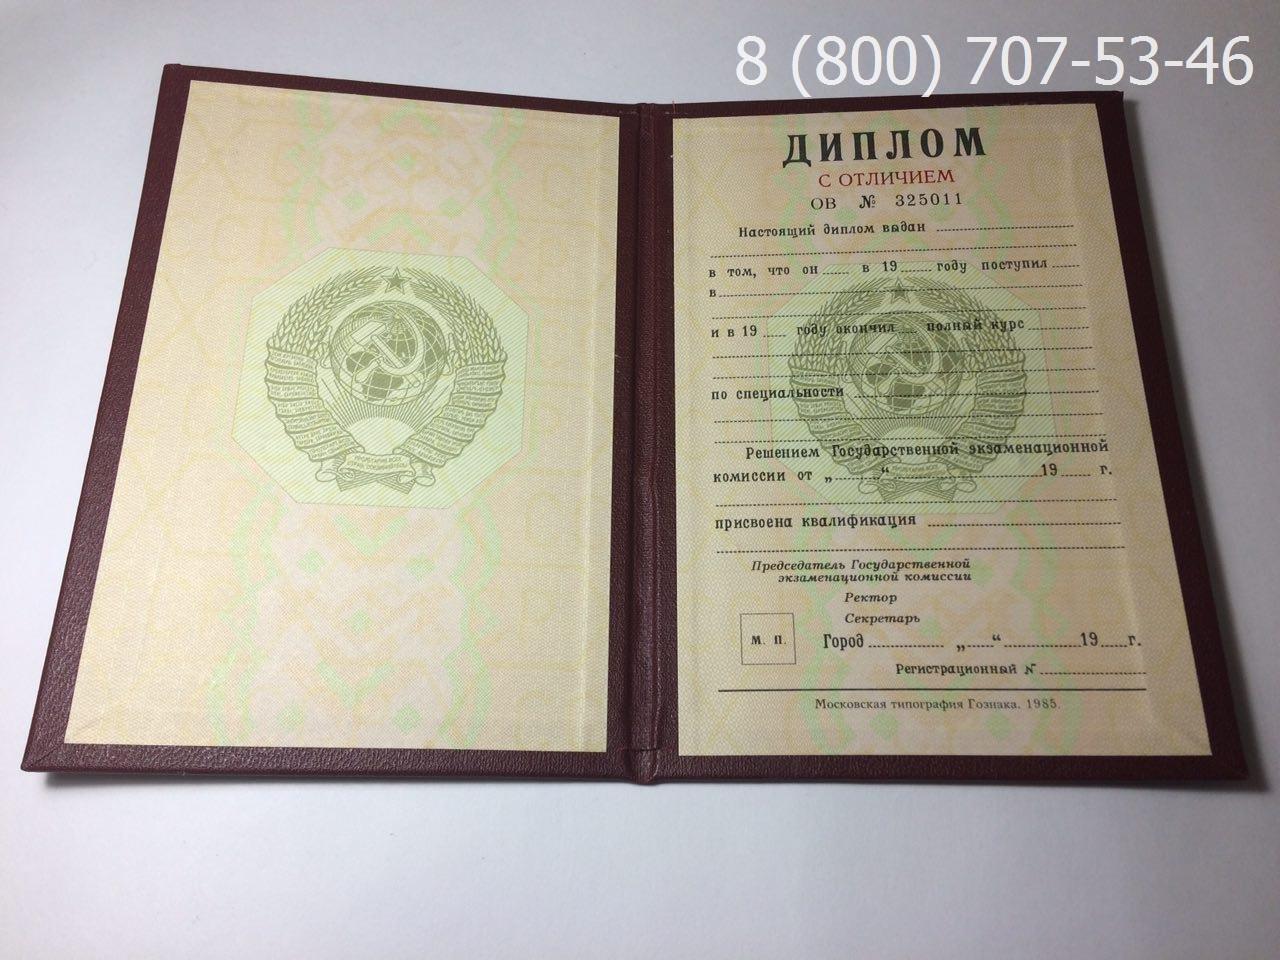 Диплом о высшем образовании СССР с отличием до 1996 года